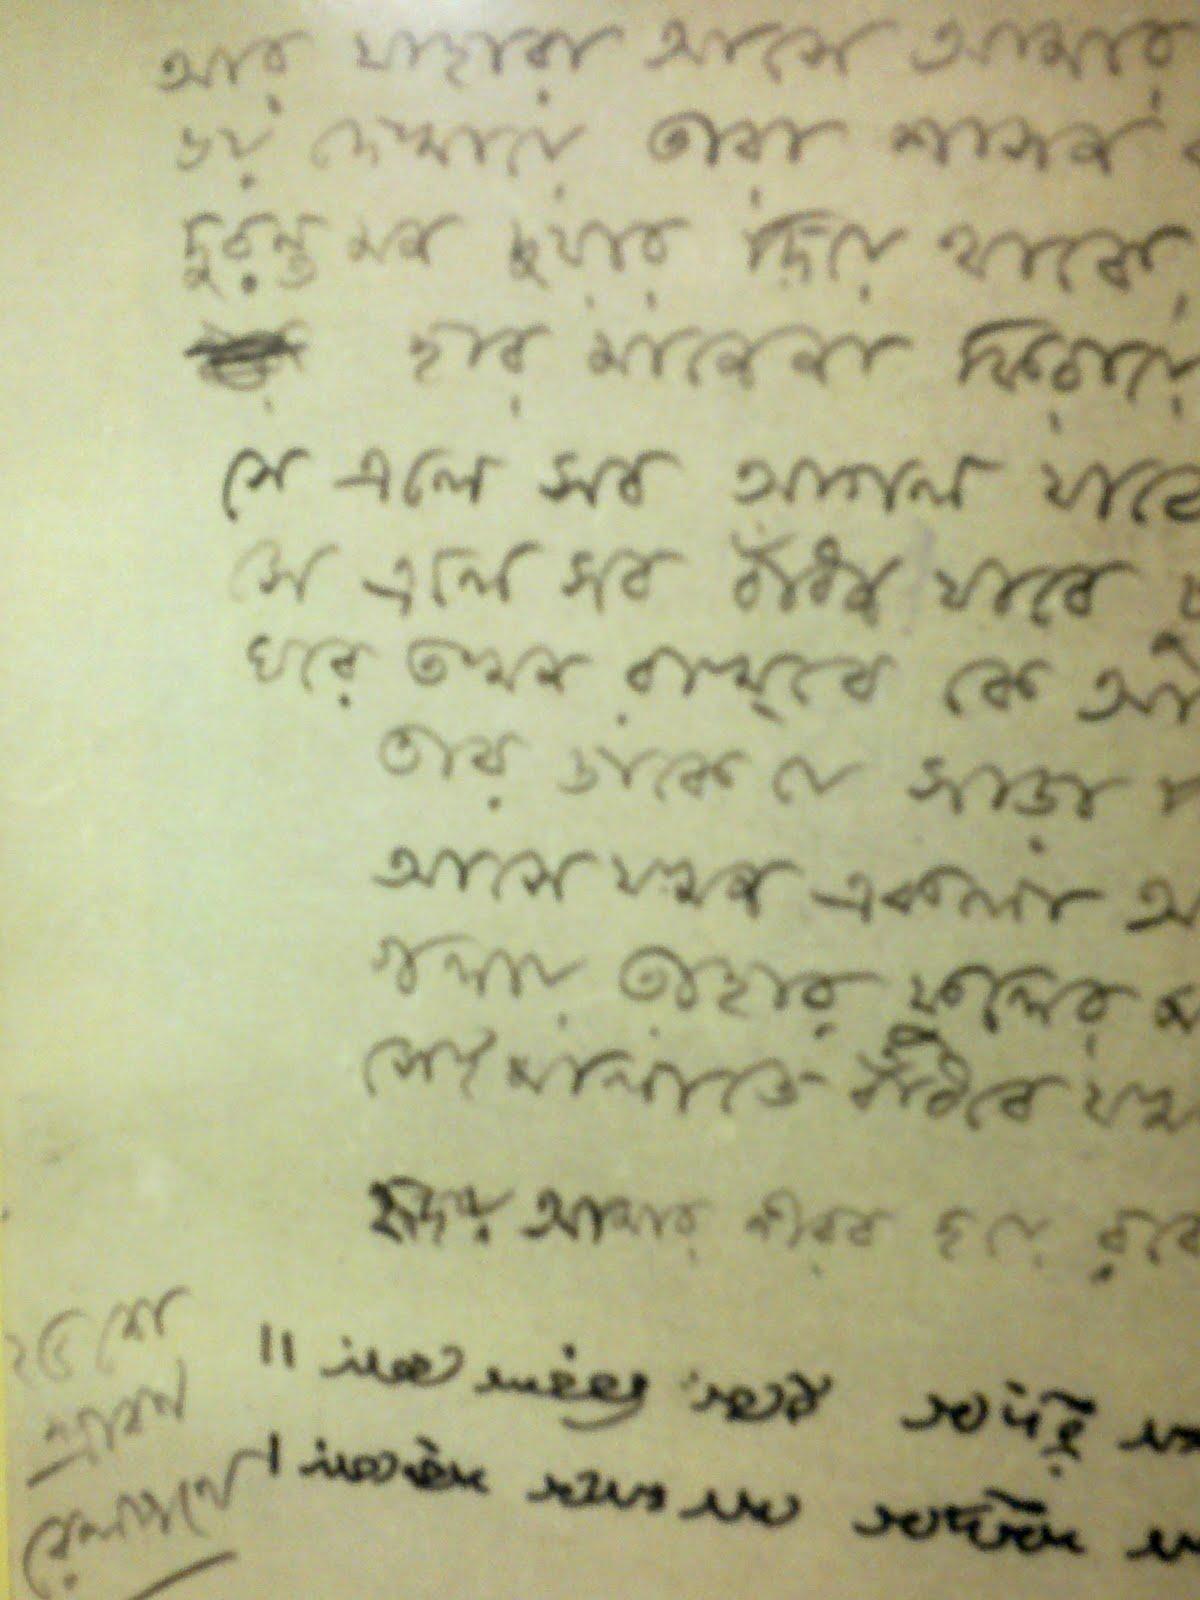 rabindranath tagore poems in hindi pdf